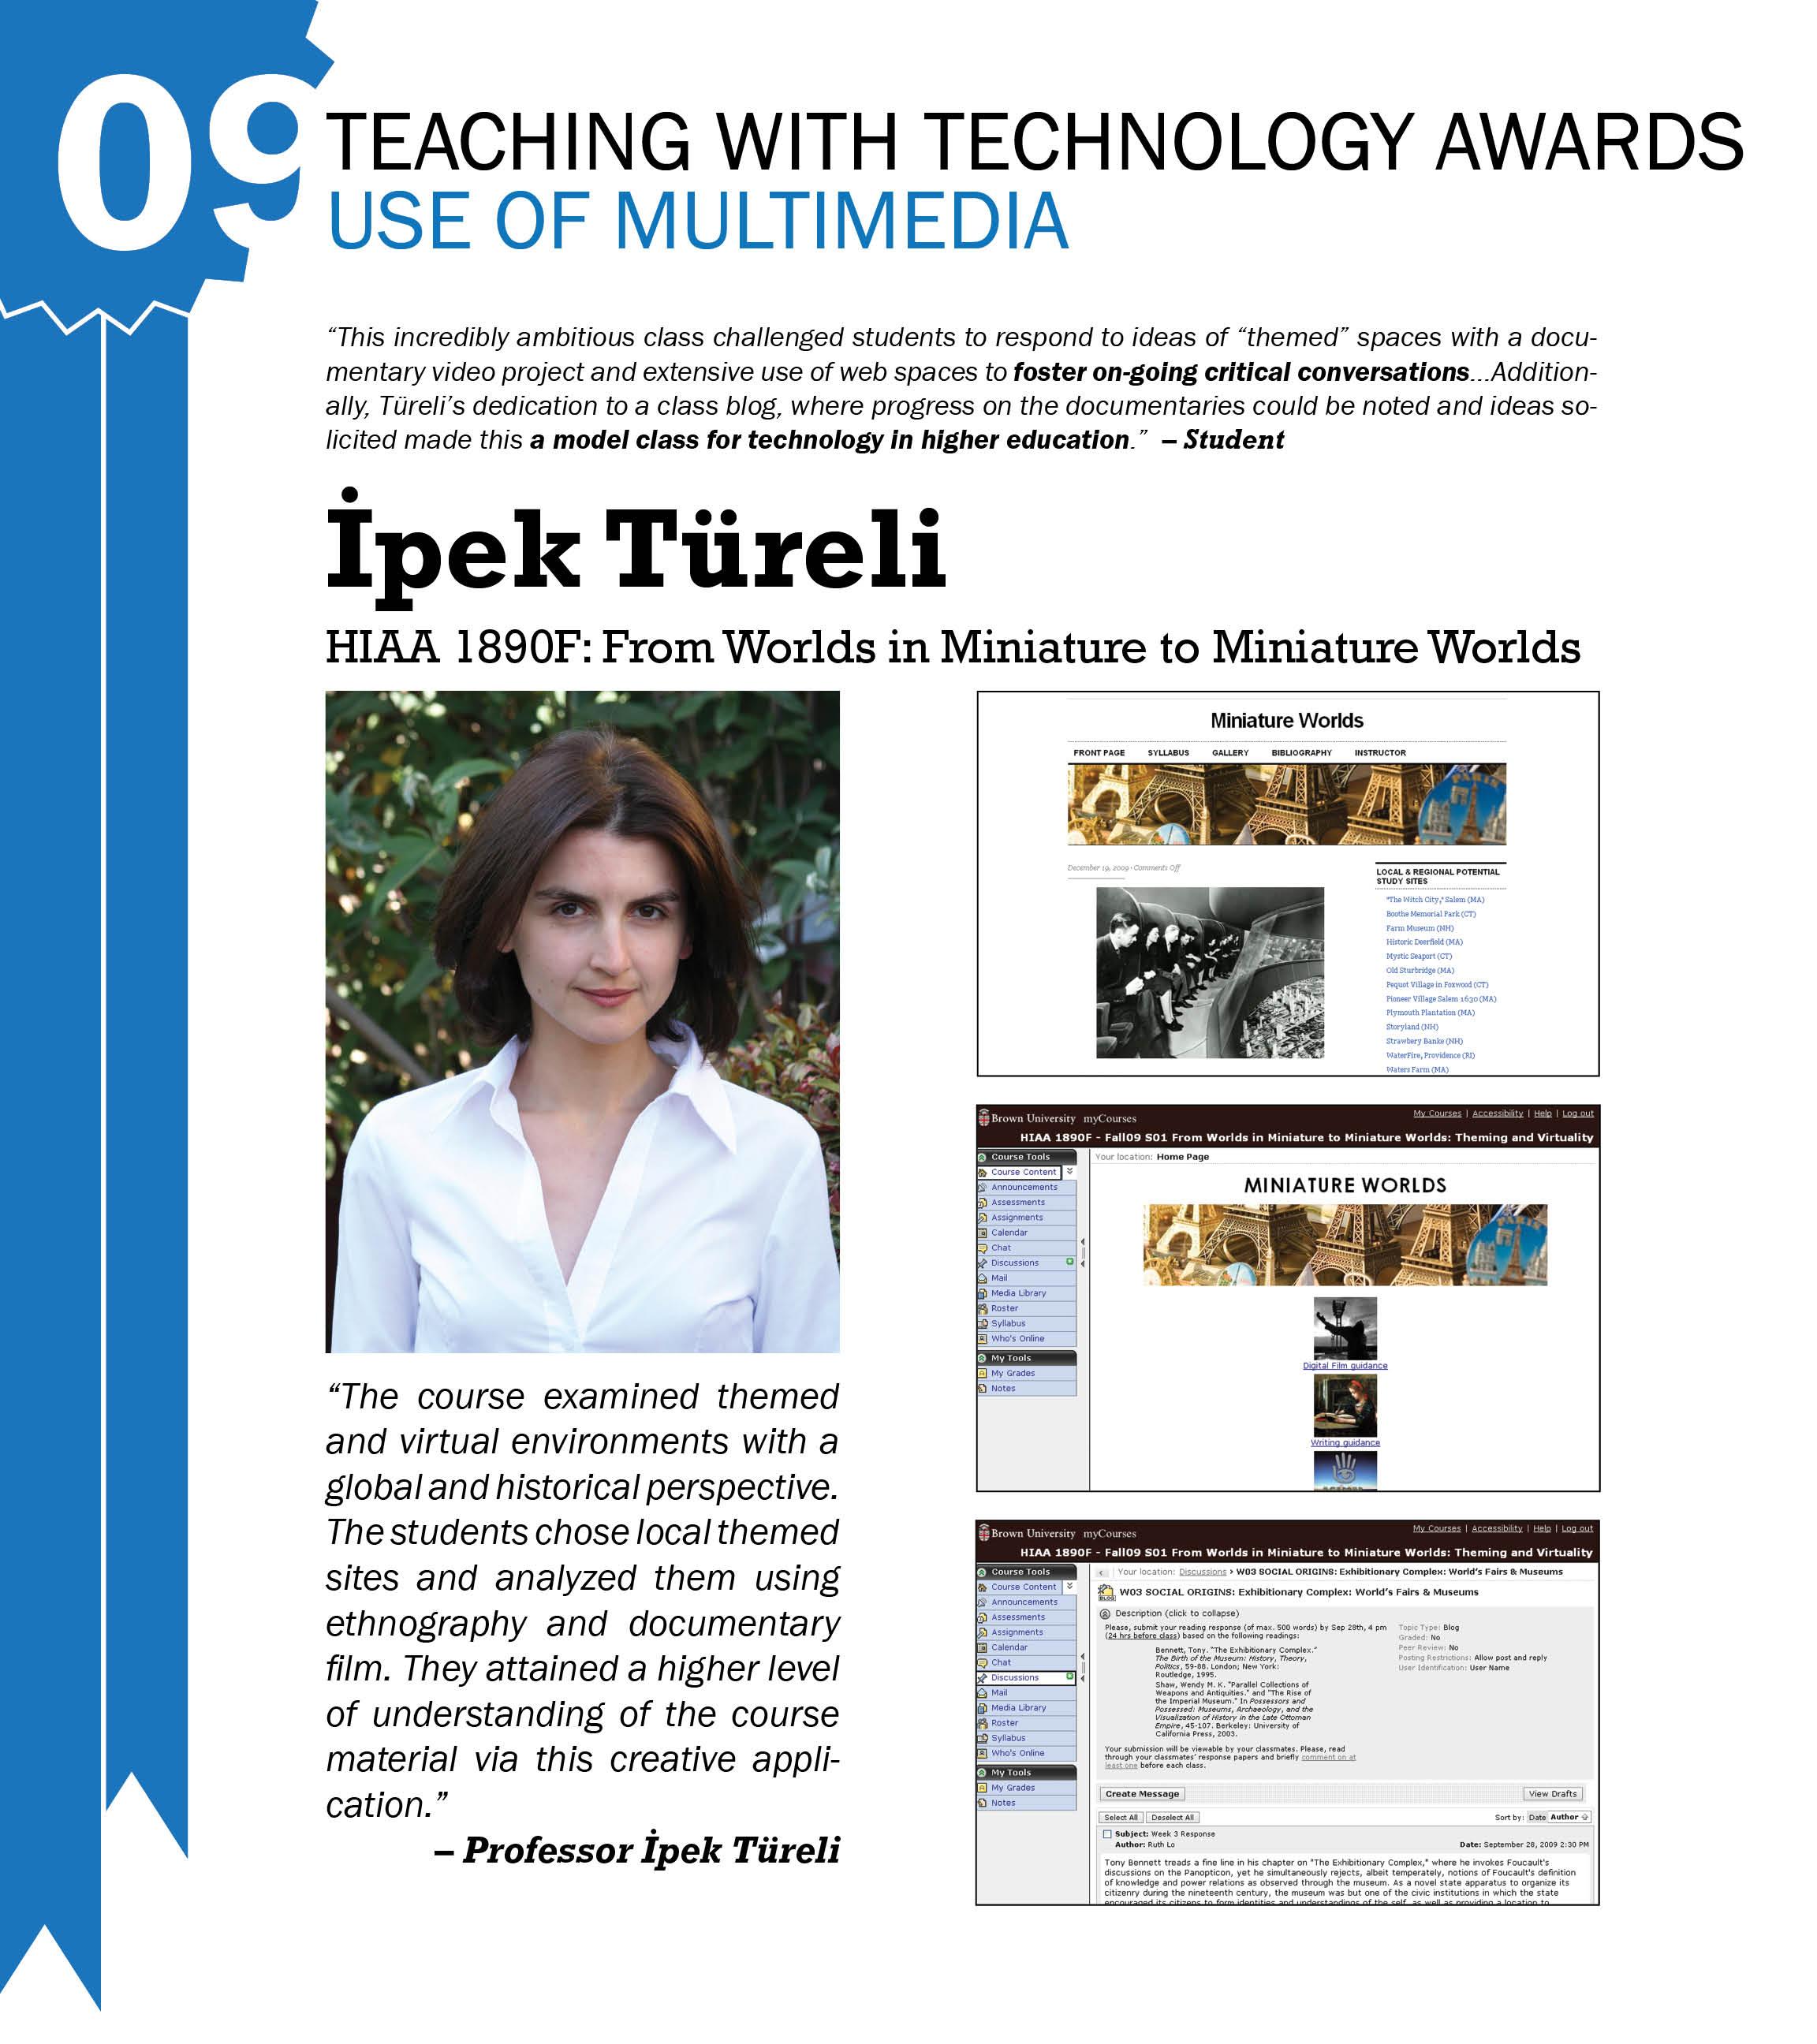 ipek_tureli